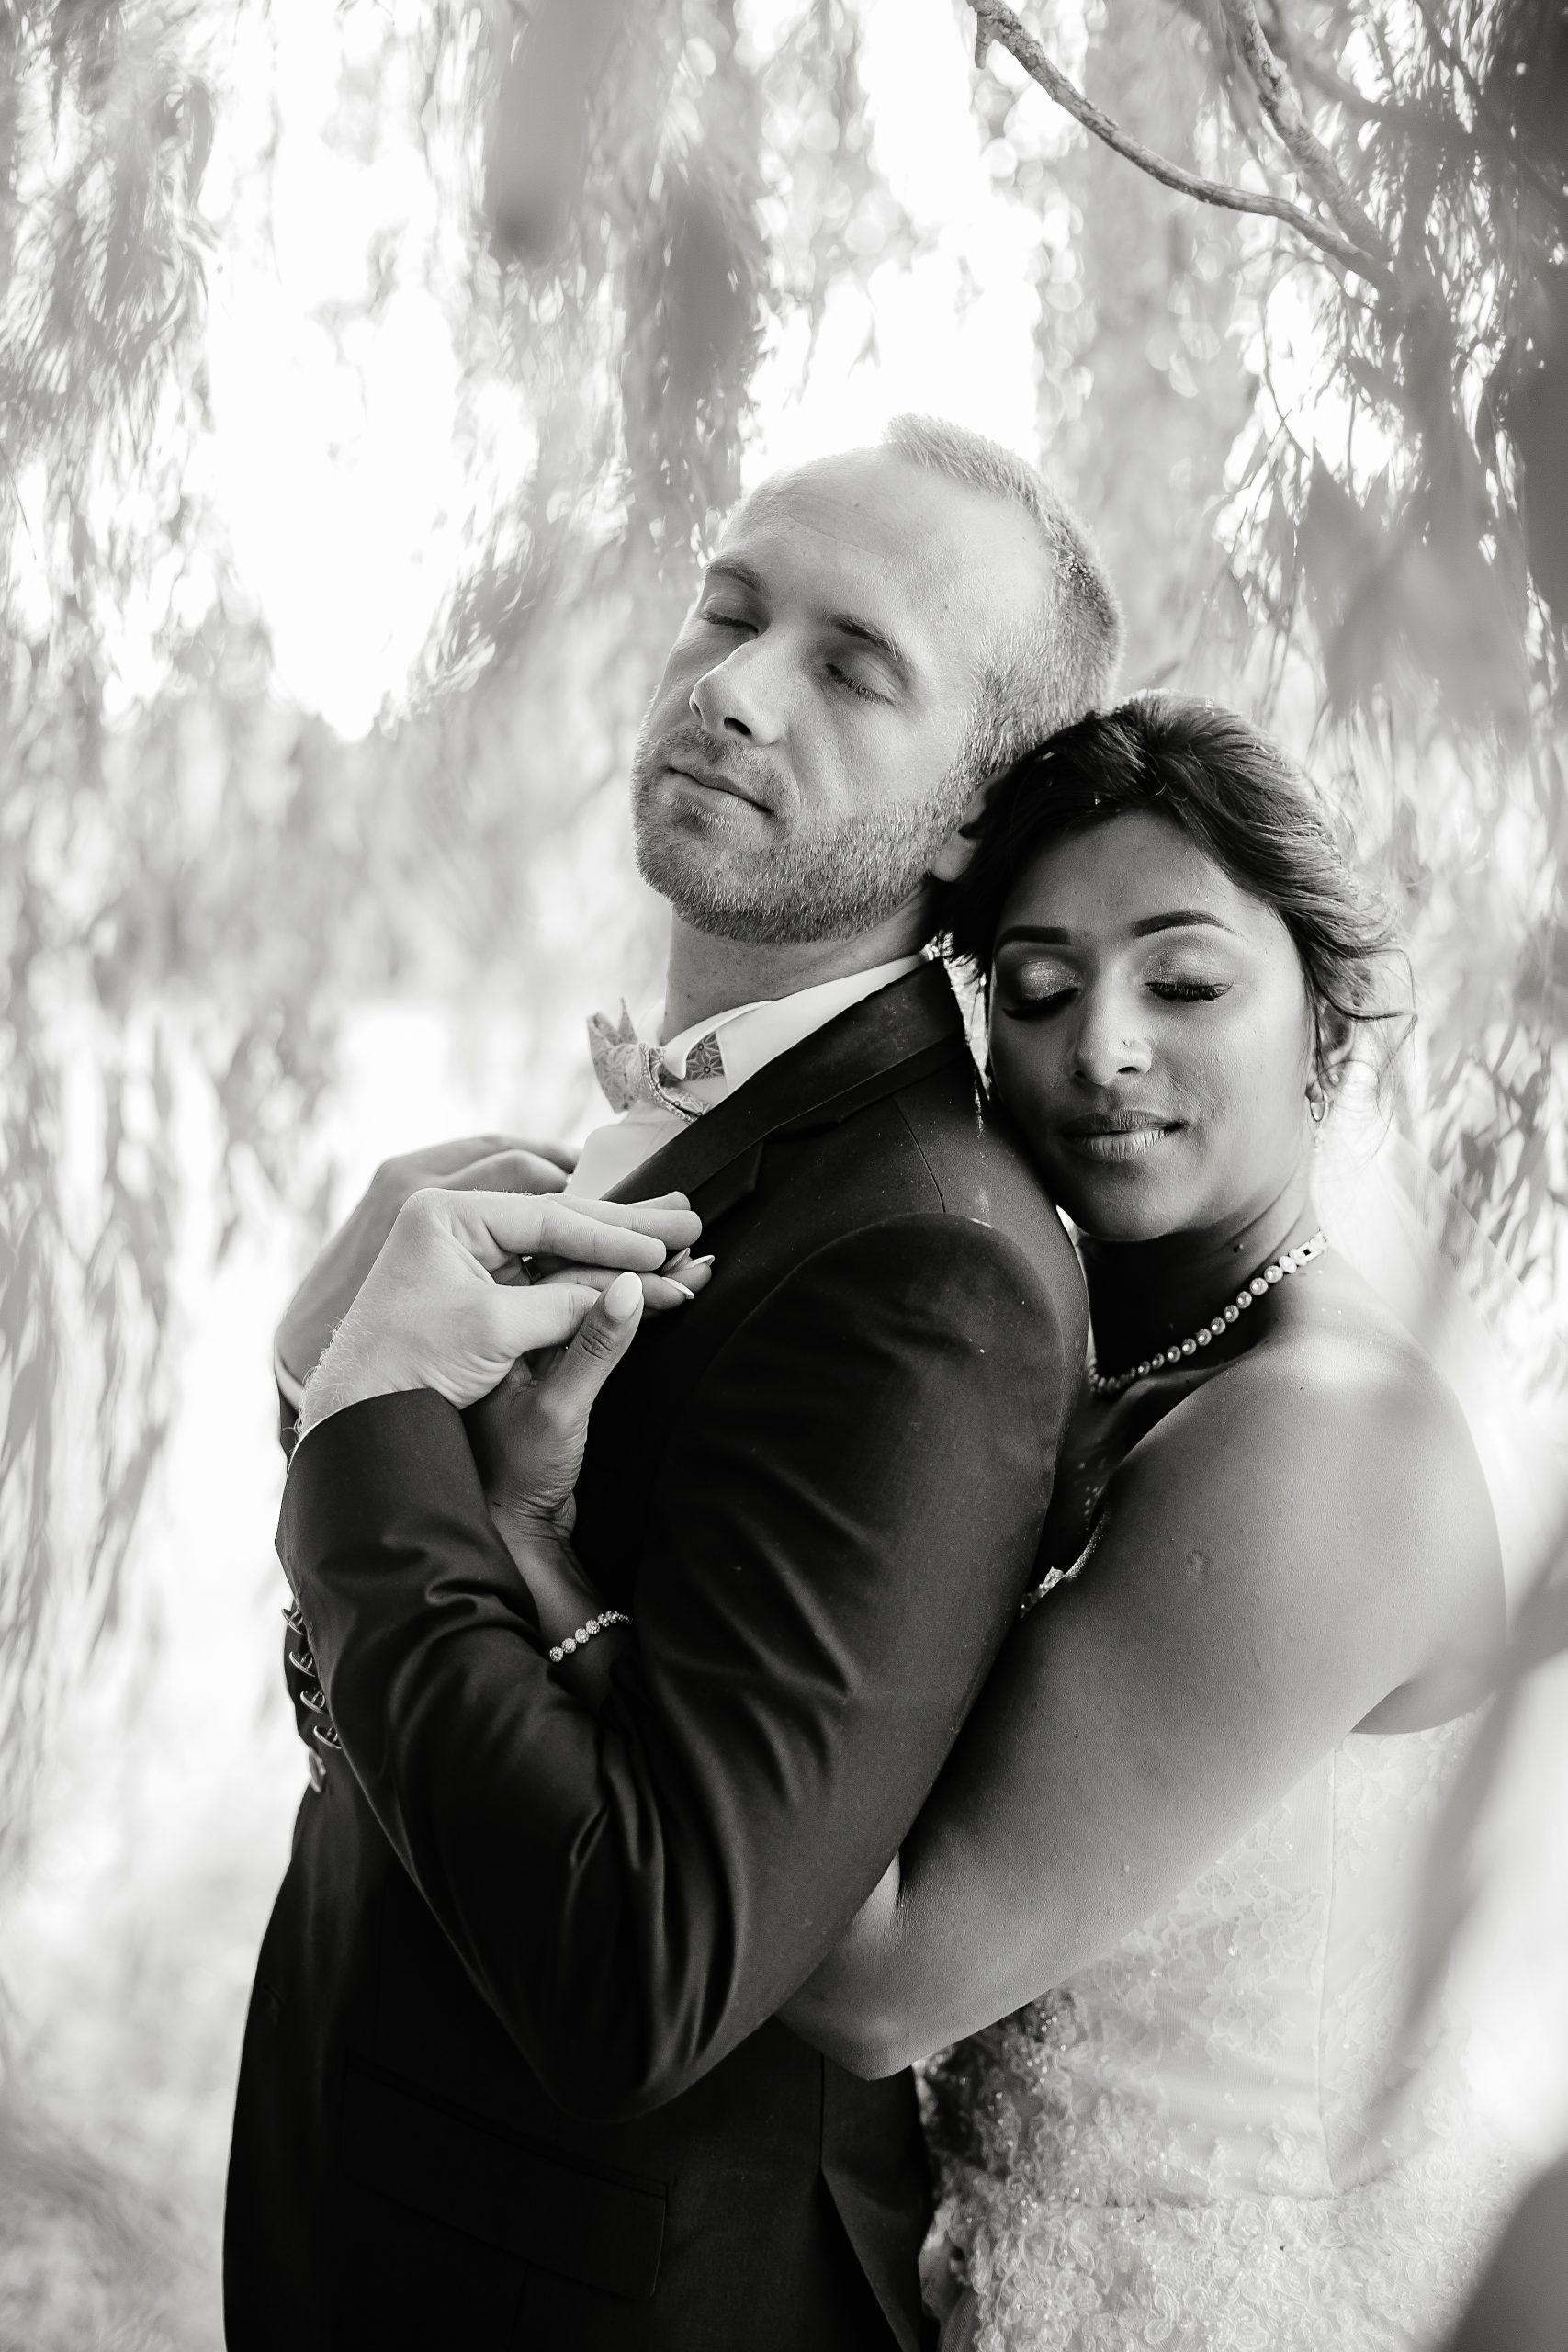 Mariage-Virginie M. Photos-couple-photos-union-amour-Croix-photographe Lille (130)